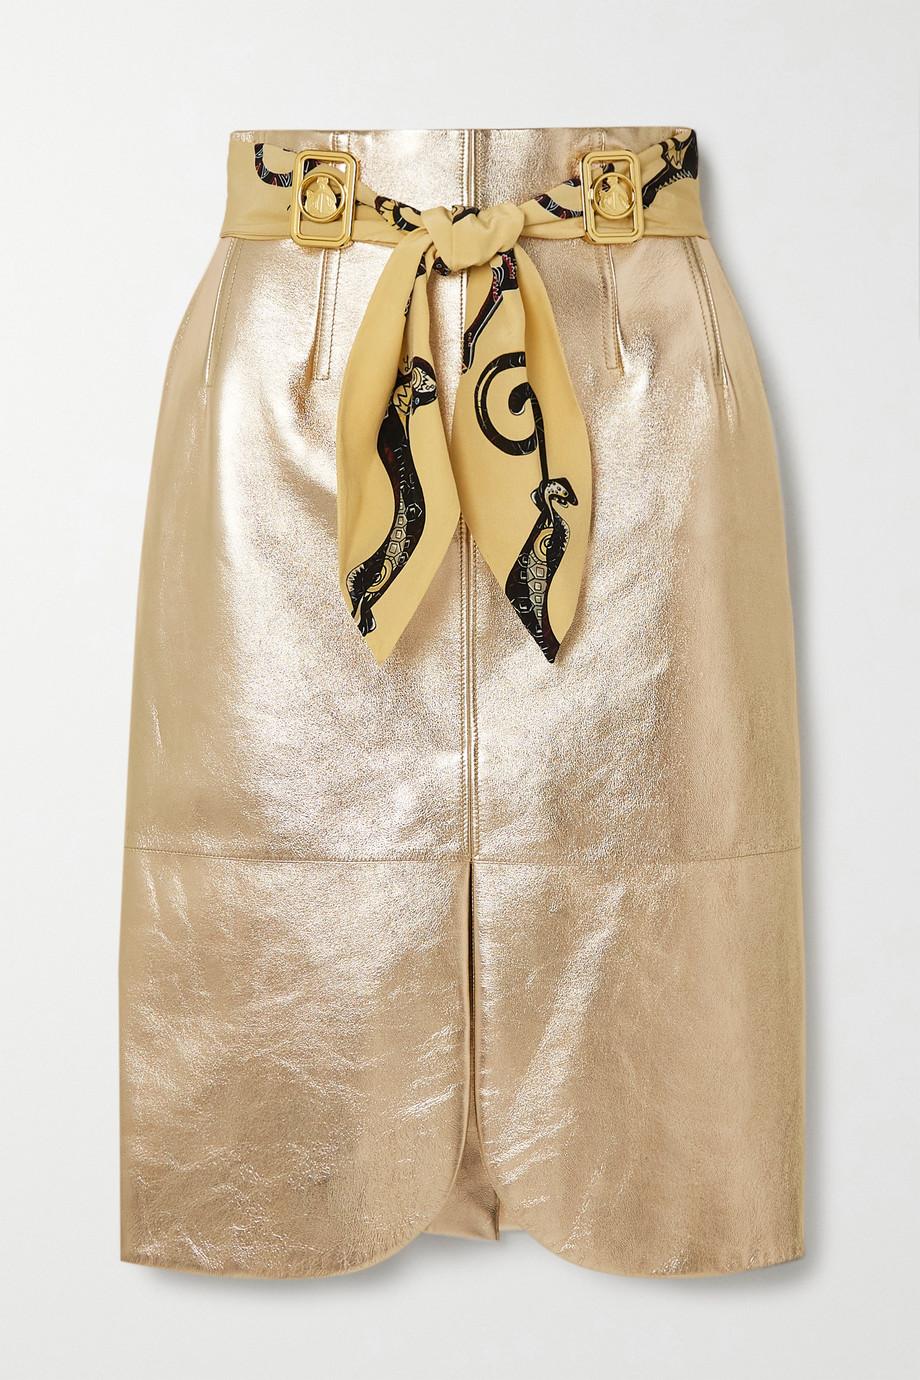 Lanvin Belted embellished metallic leather skirt